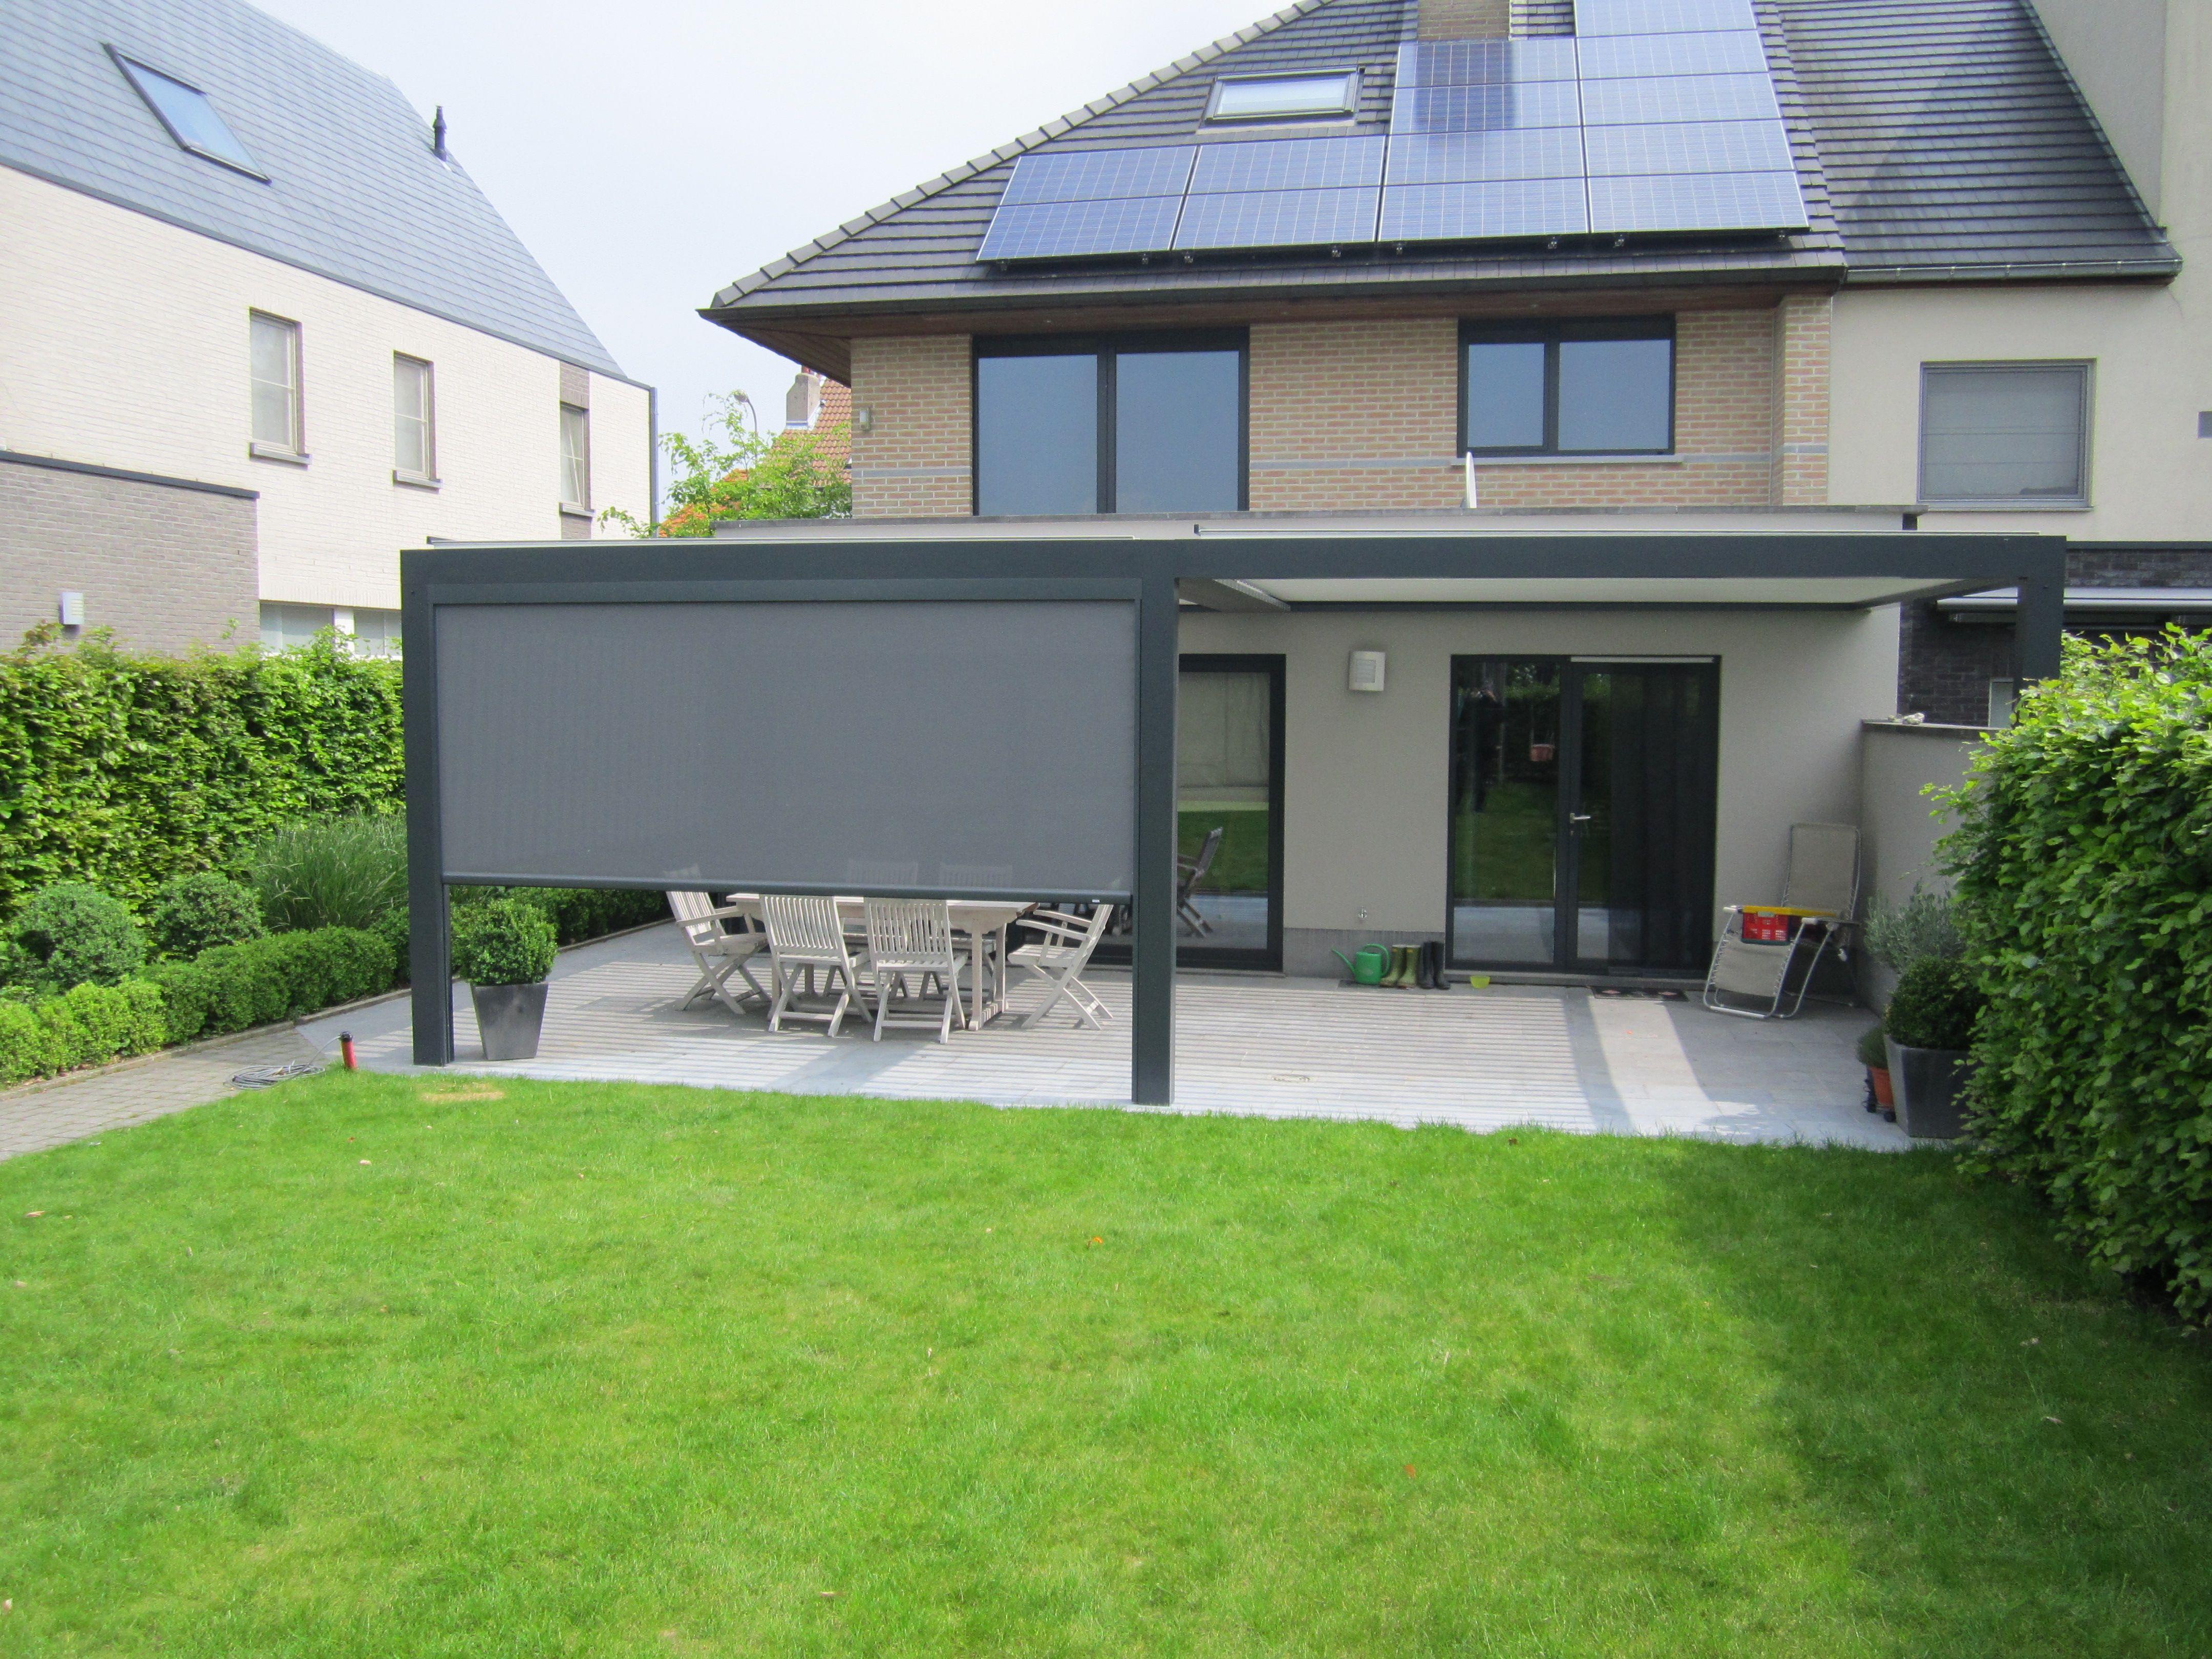 Fein 28 Ideen Fur Terrassengestaltung Dach Galerie - Die Designideen ...